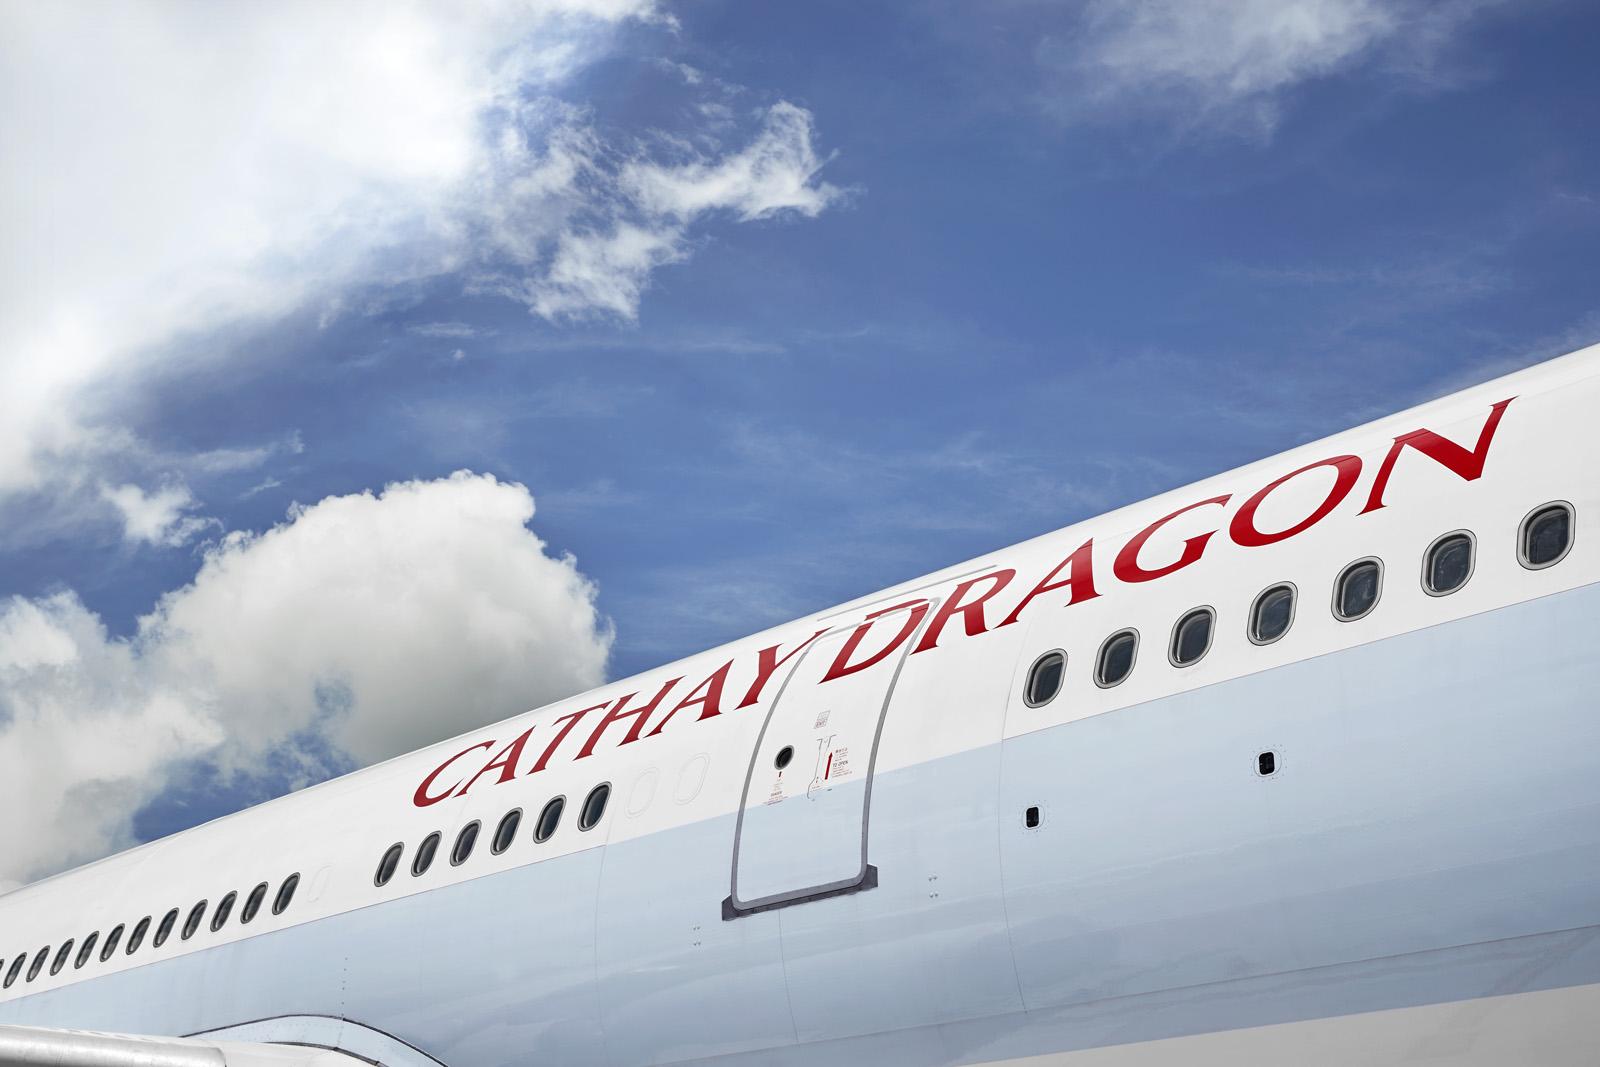 Cathay_aircraft_15